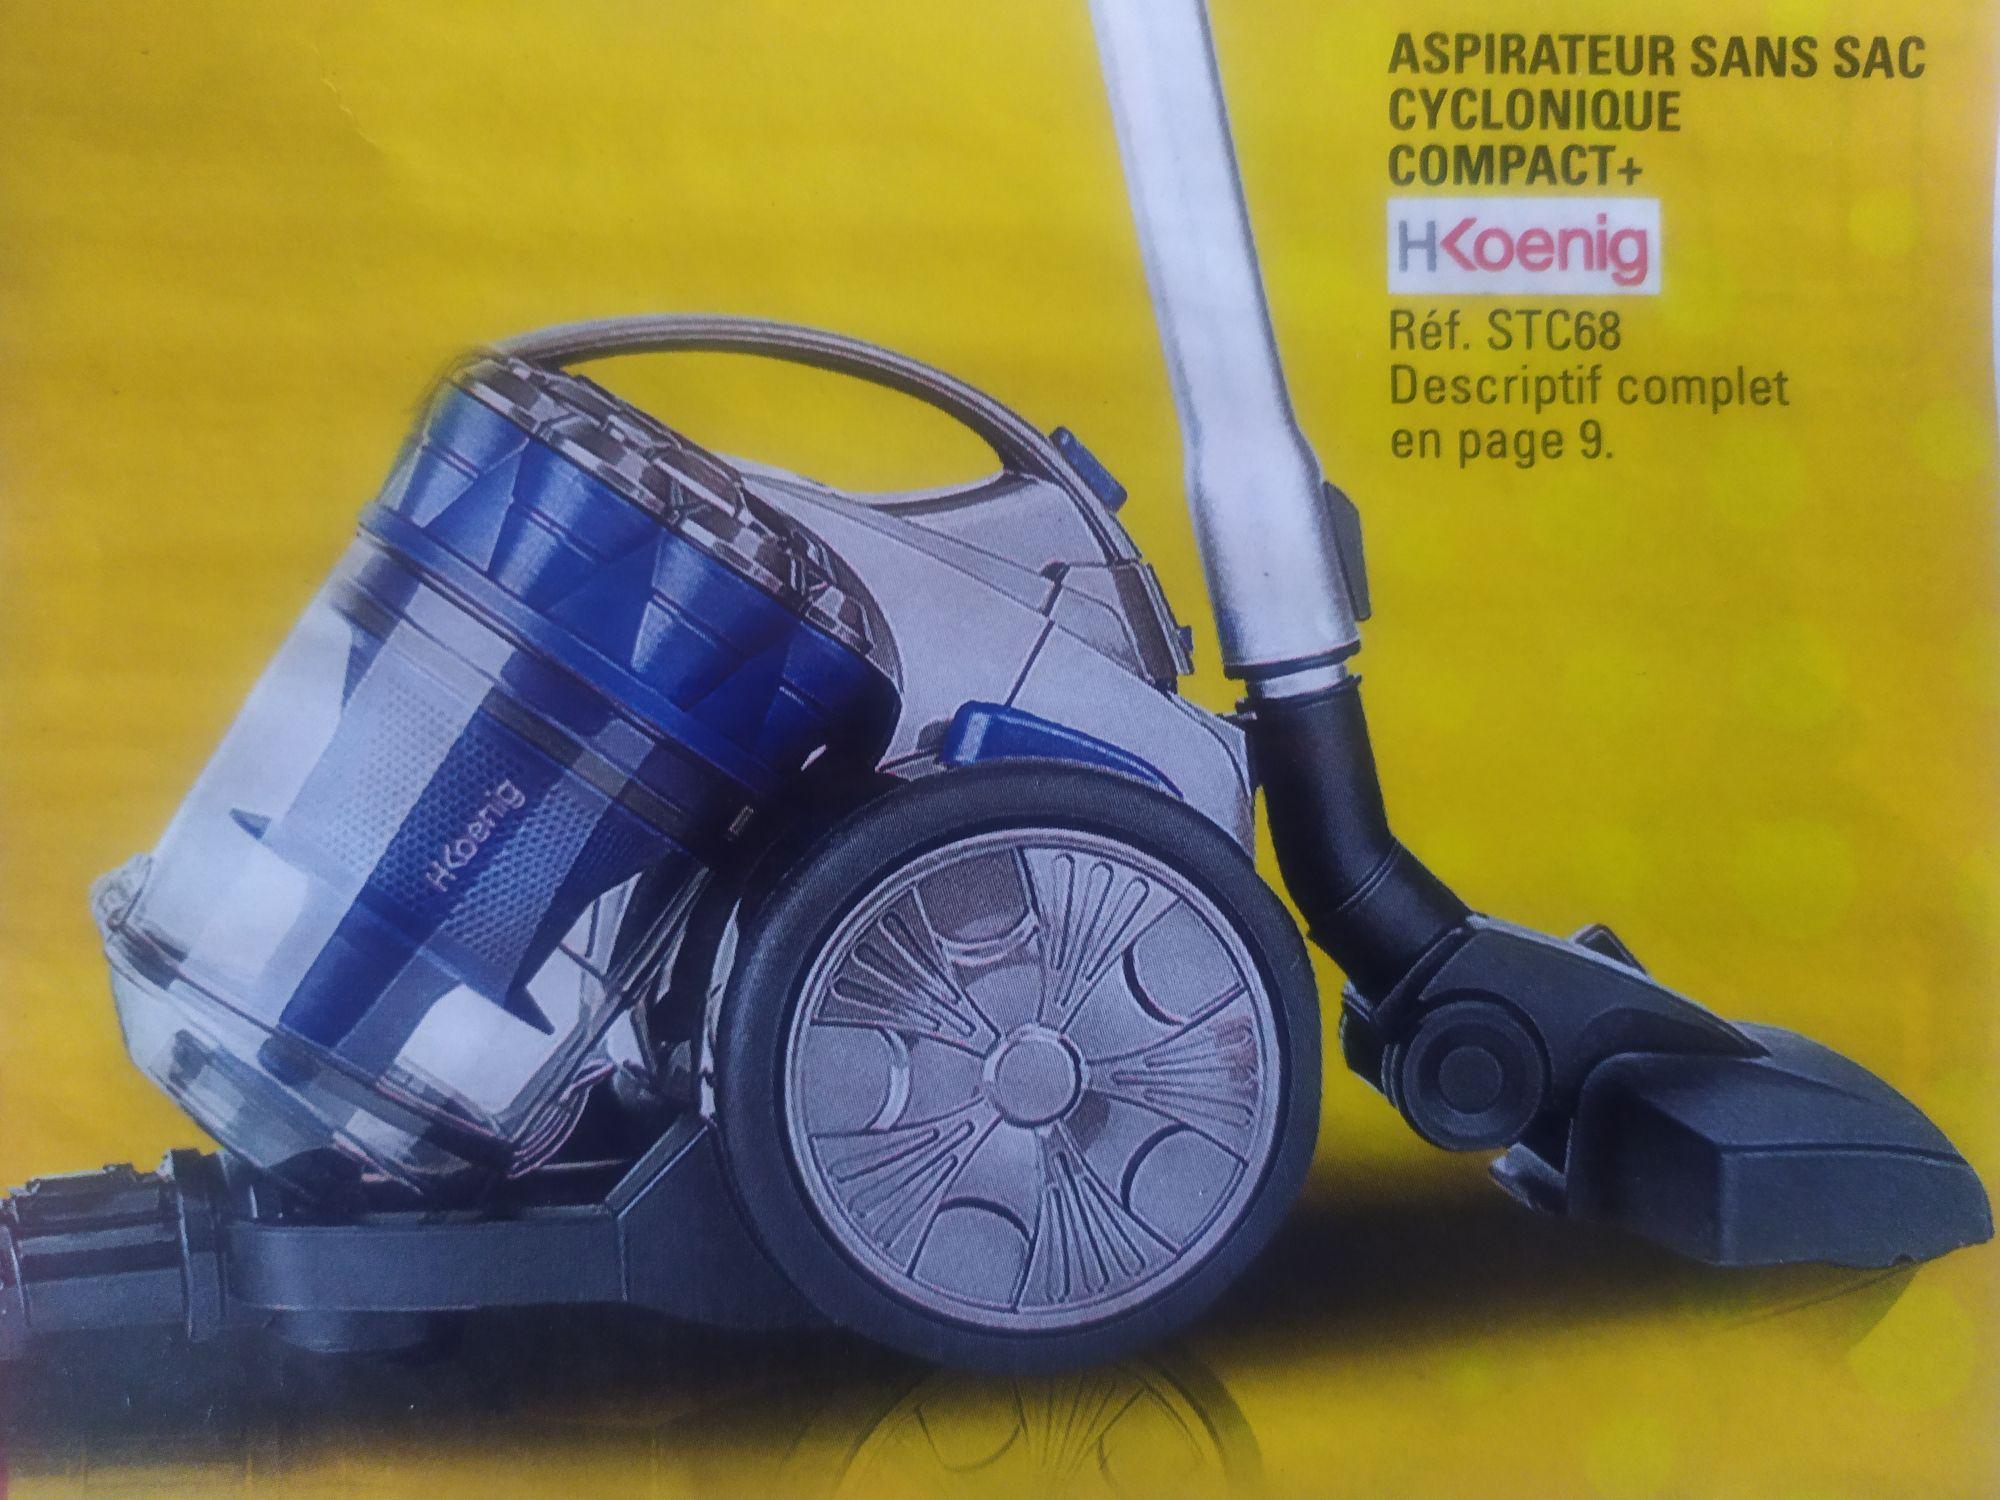 Aspirateur sans sac cyclonique H.Koenig Compact+ STC68